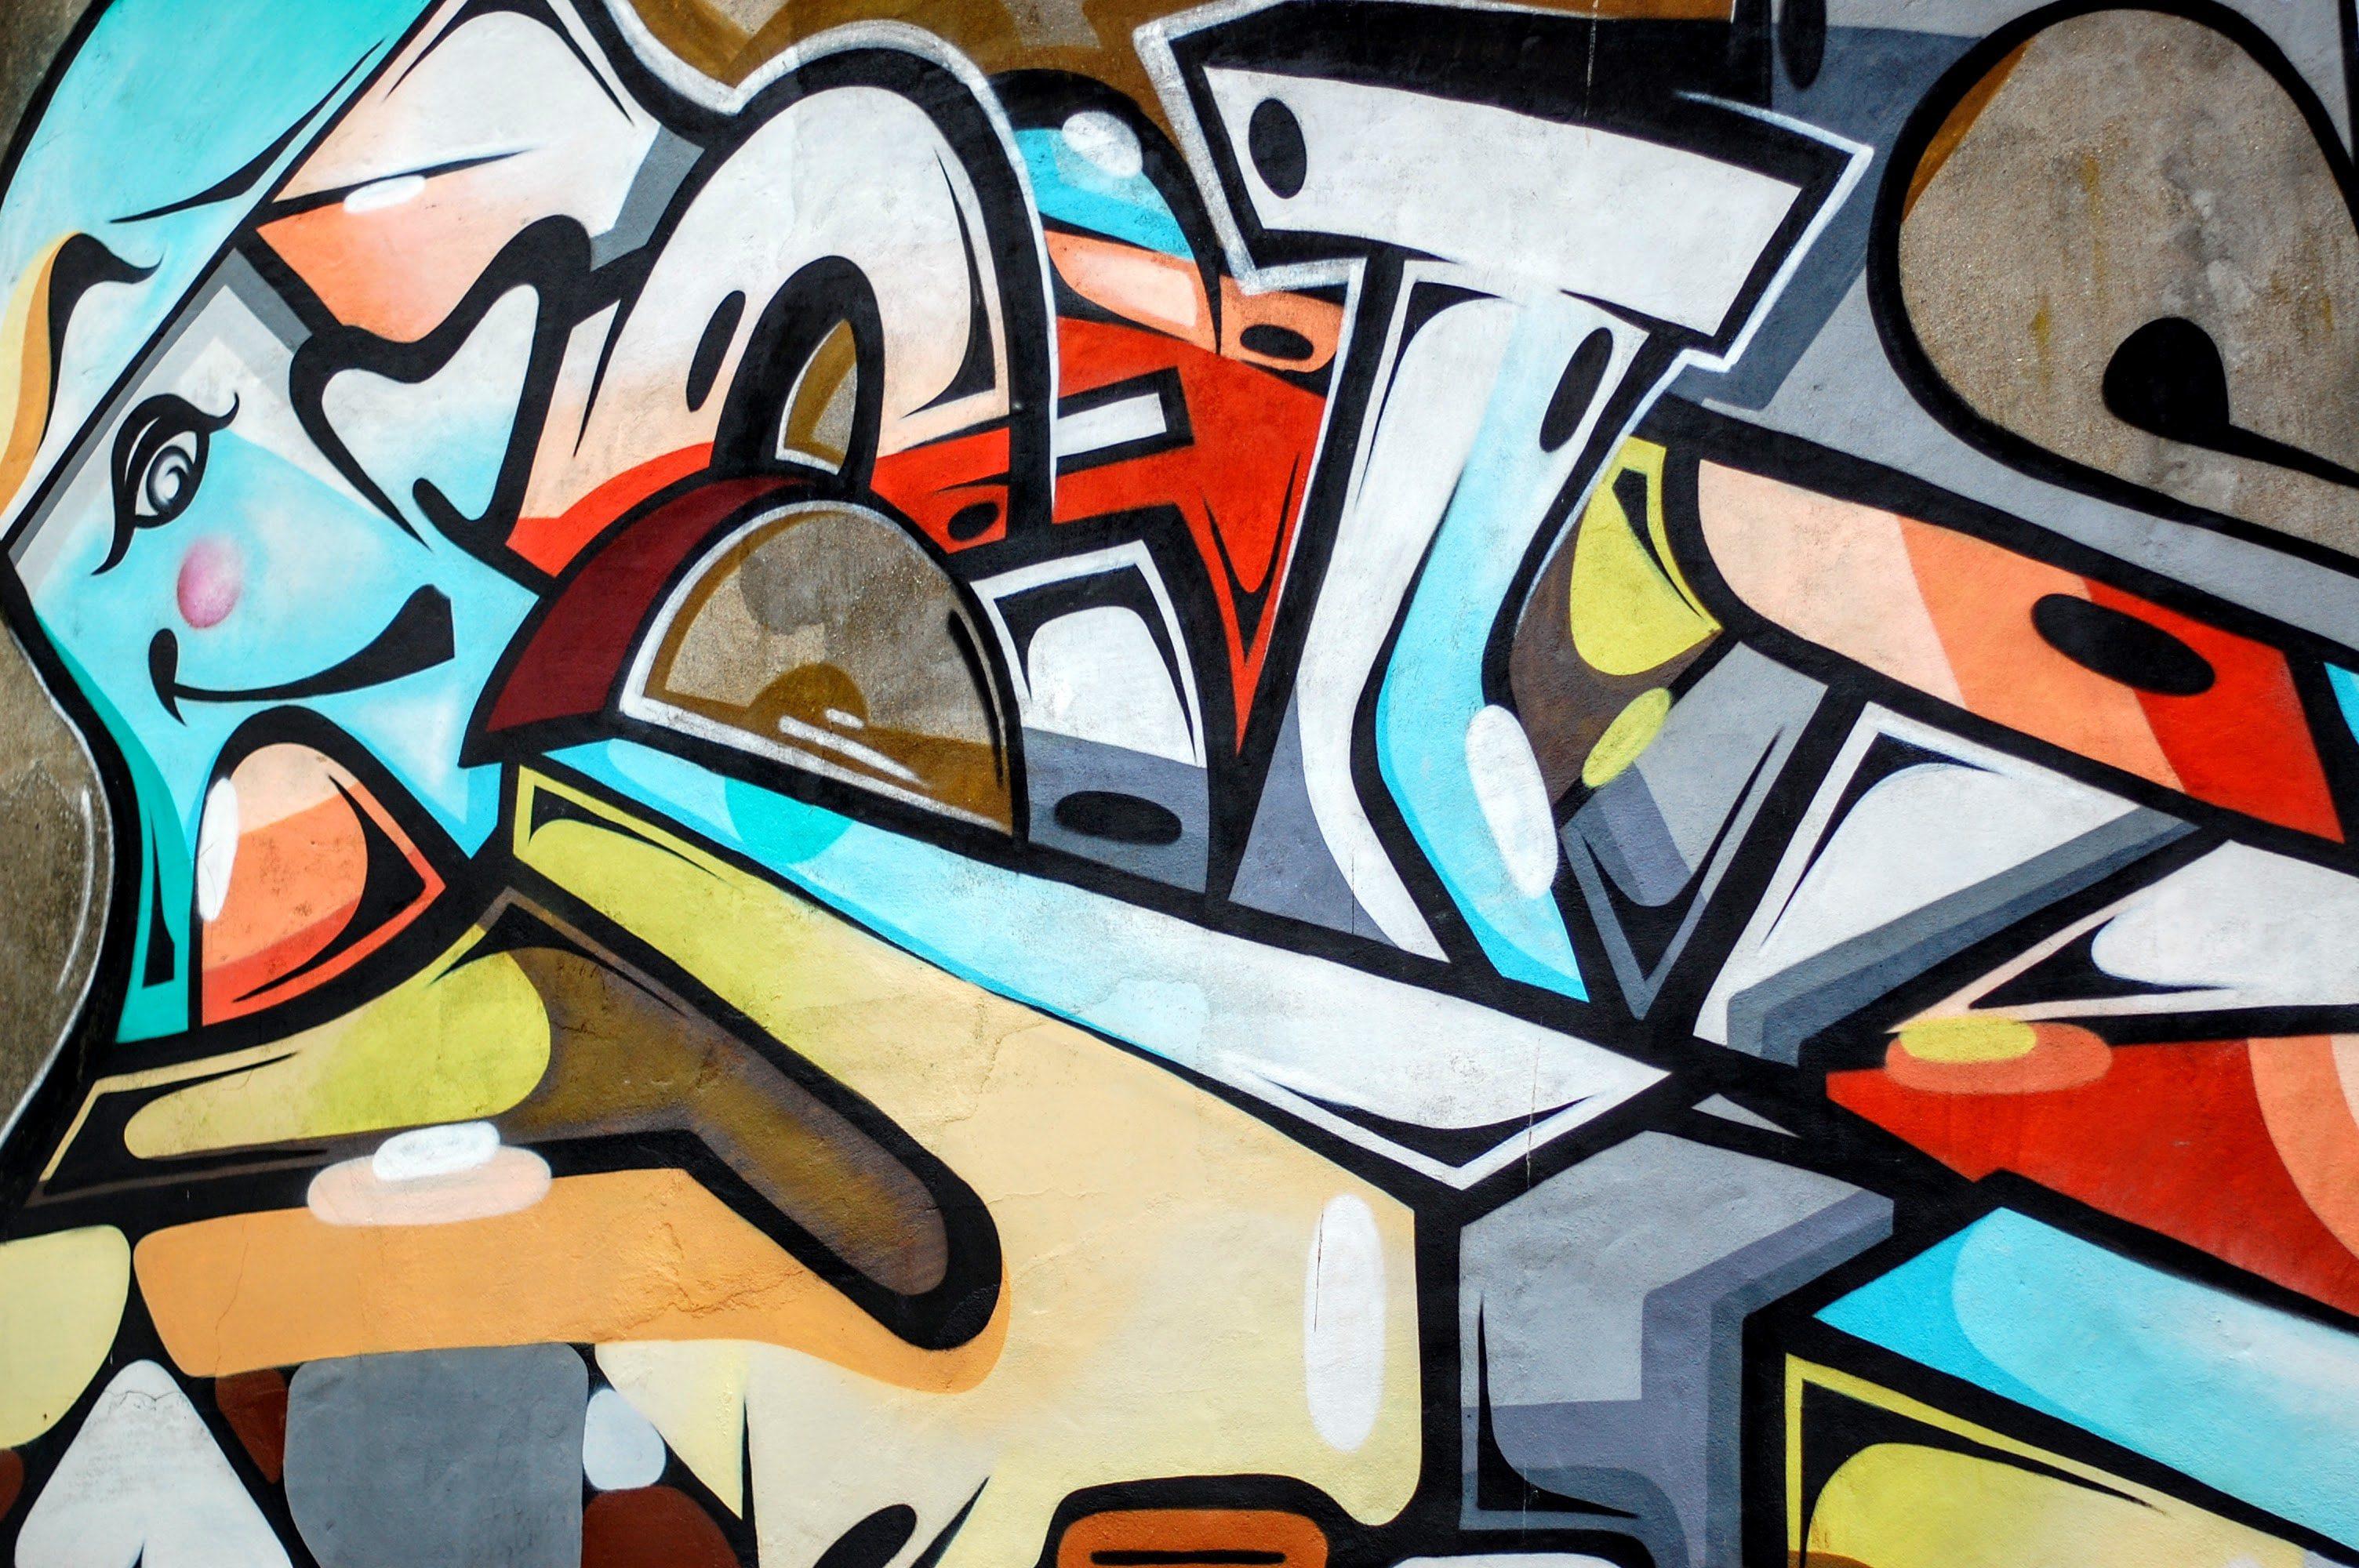 Percepția tinerilor asupra conflictului din Transnistriaprin folosirea artei urbane